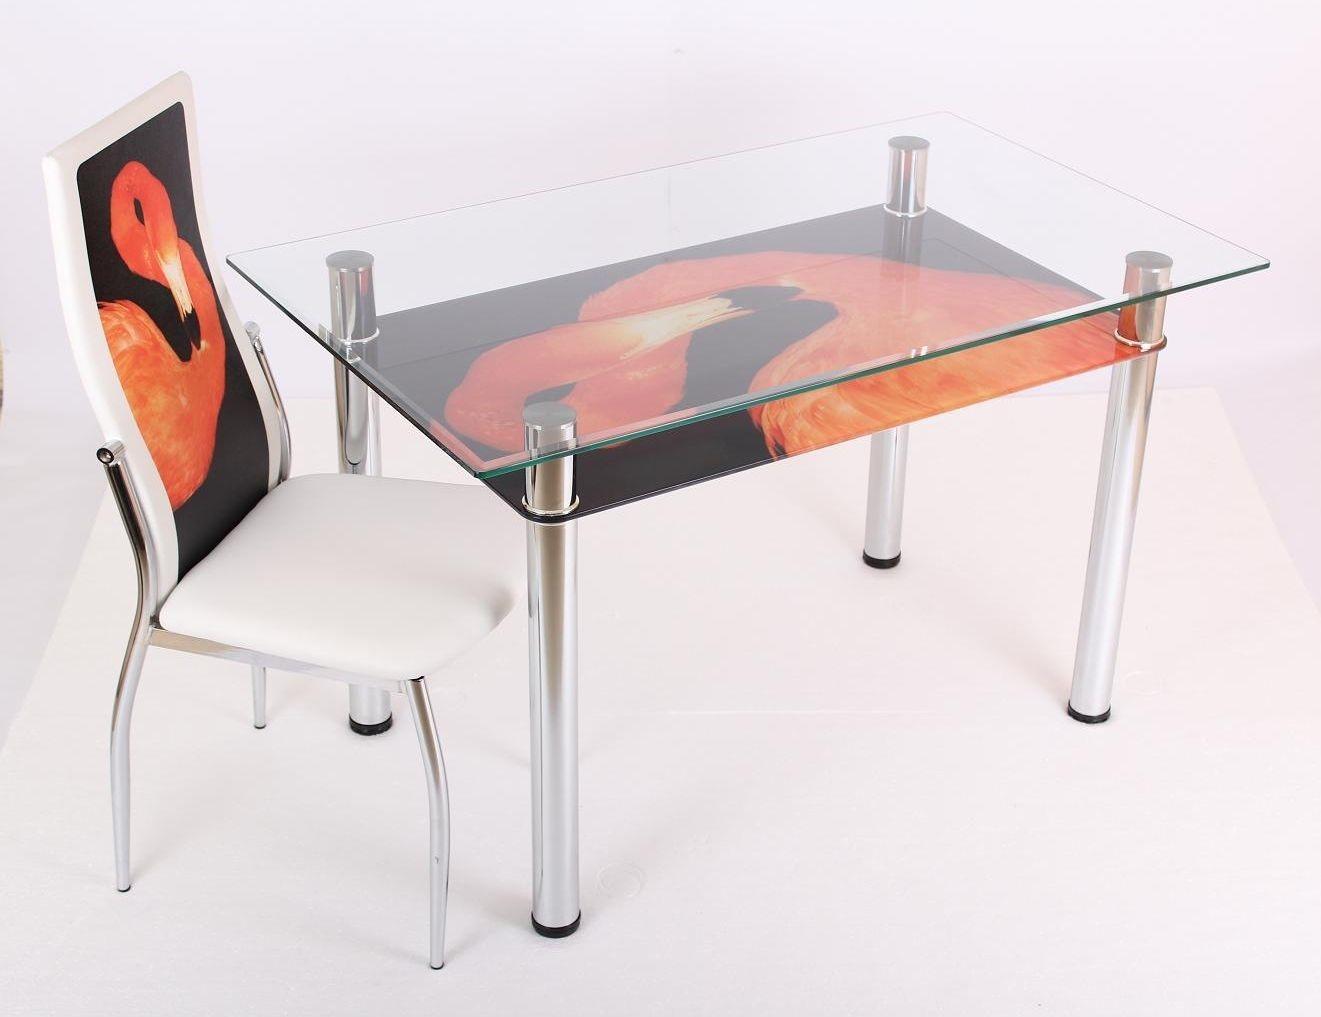 Обеденный стол 3.2 дп 26 мебель из стекла.